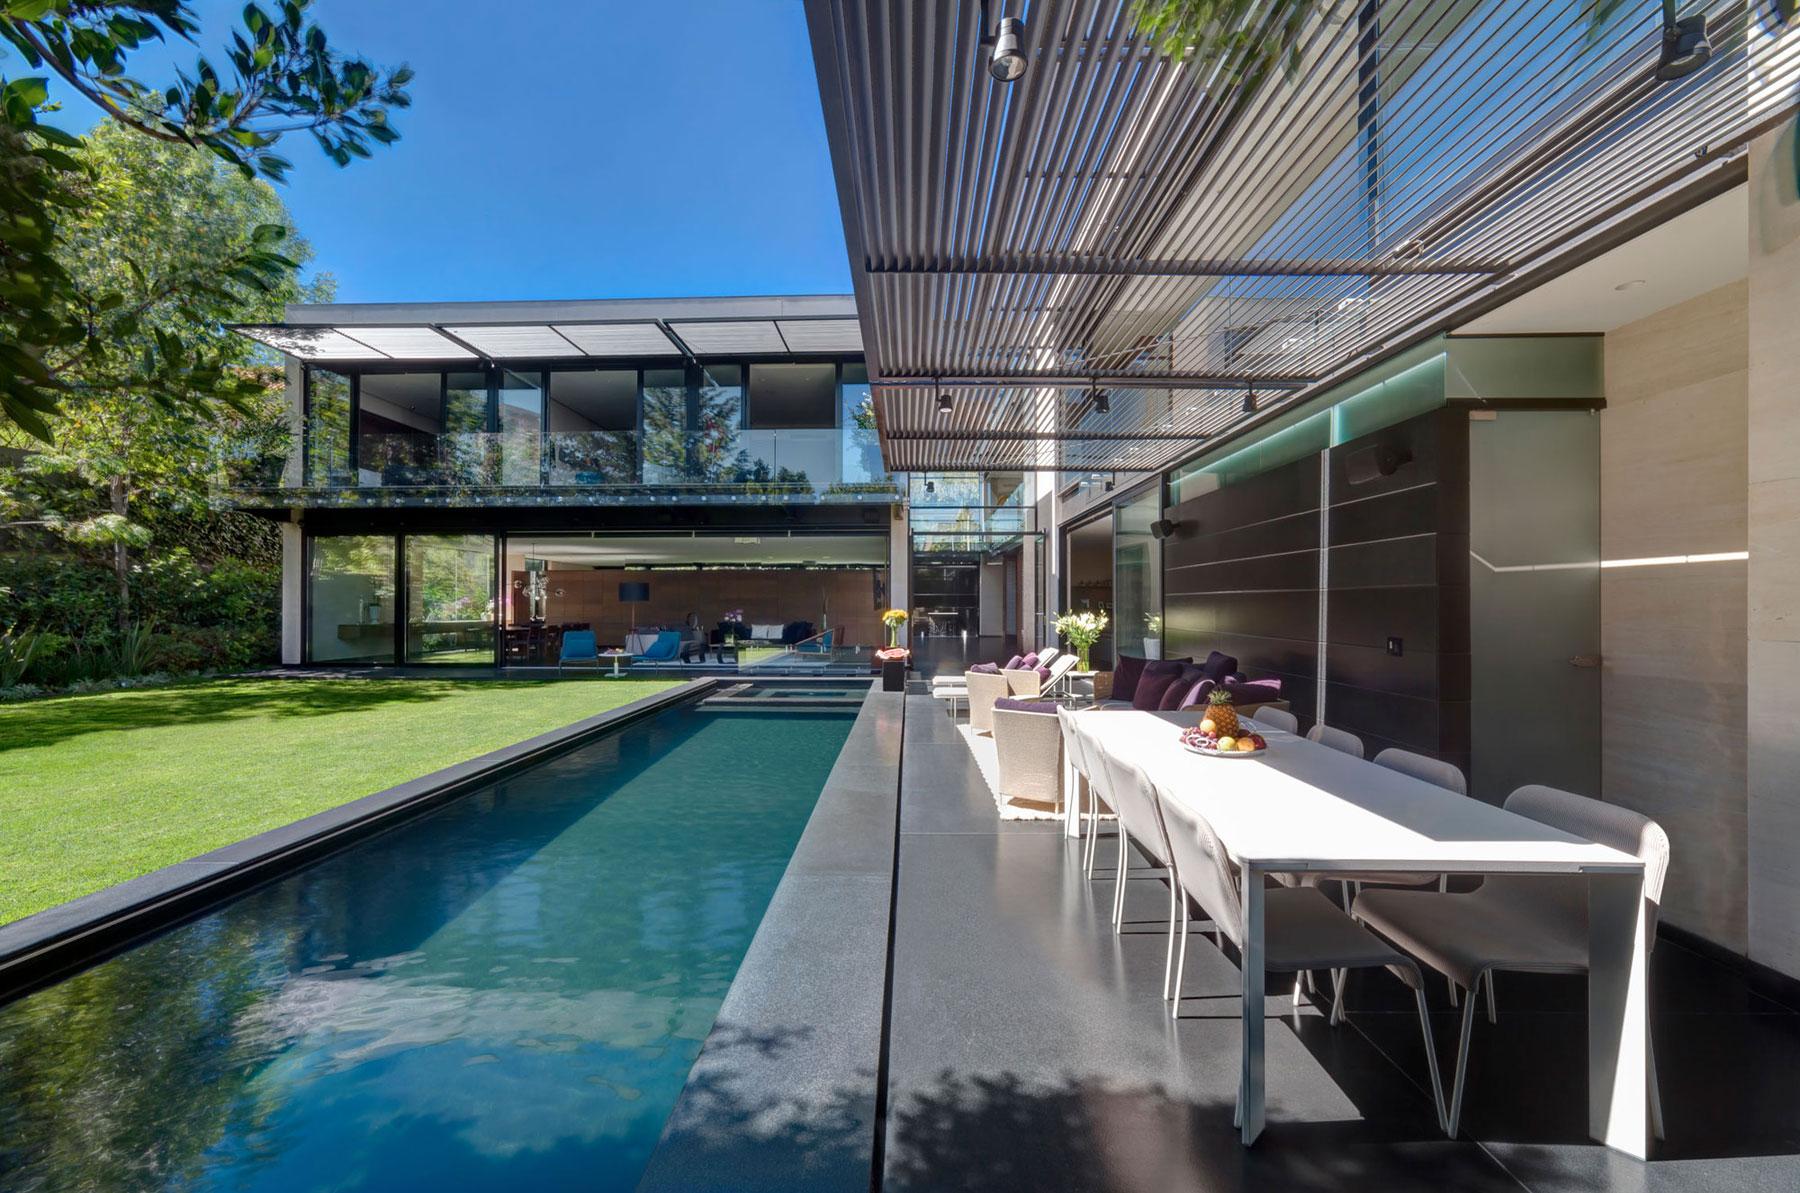 Dalias House grupoarquitectura-07